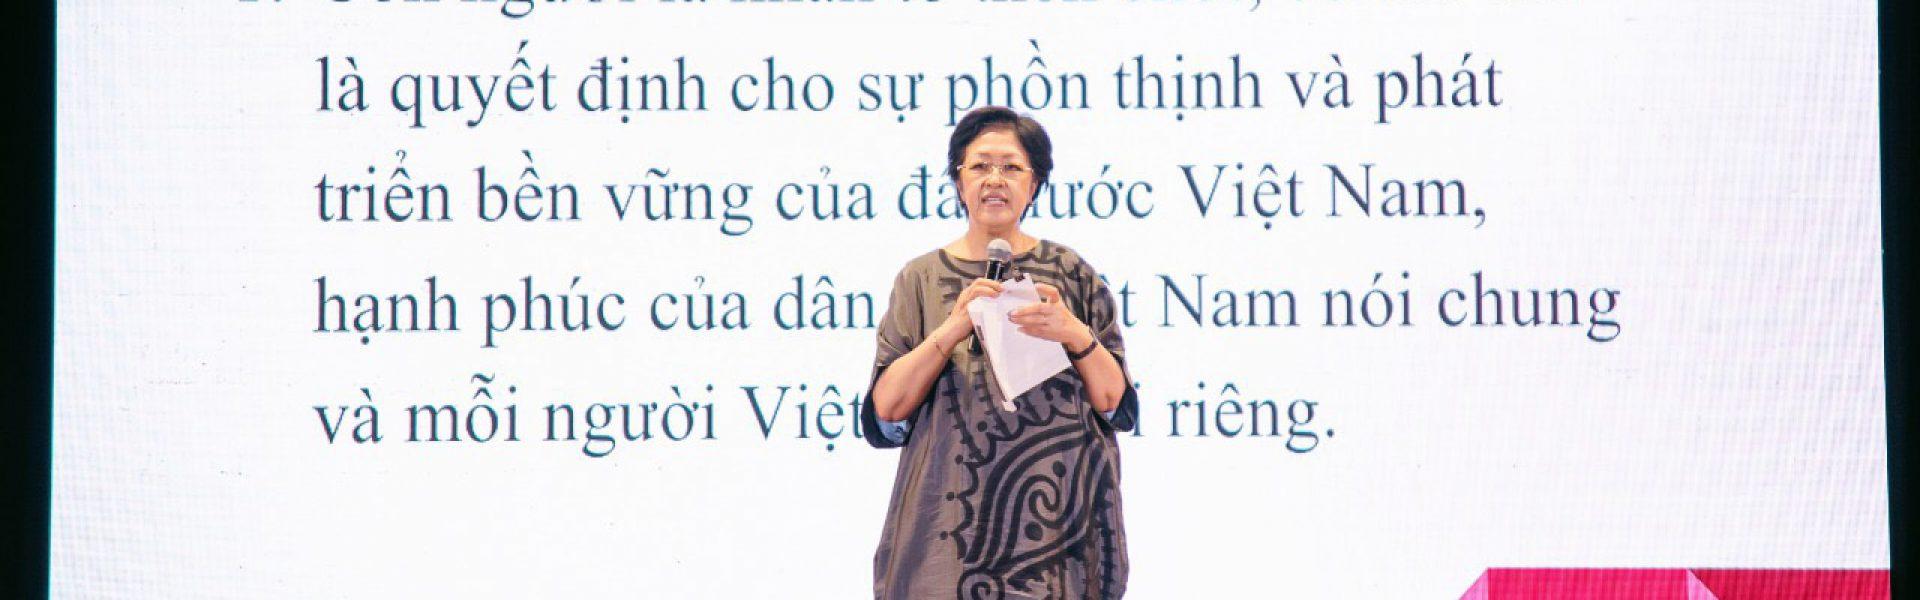 Bà Tôn Nữ Thị Ninh: Ngồi canh con học là sự thất bại trong giáo dục